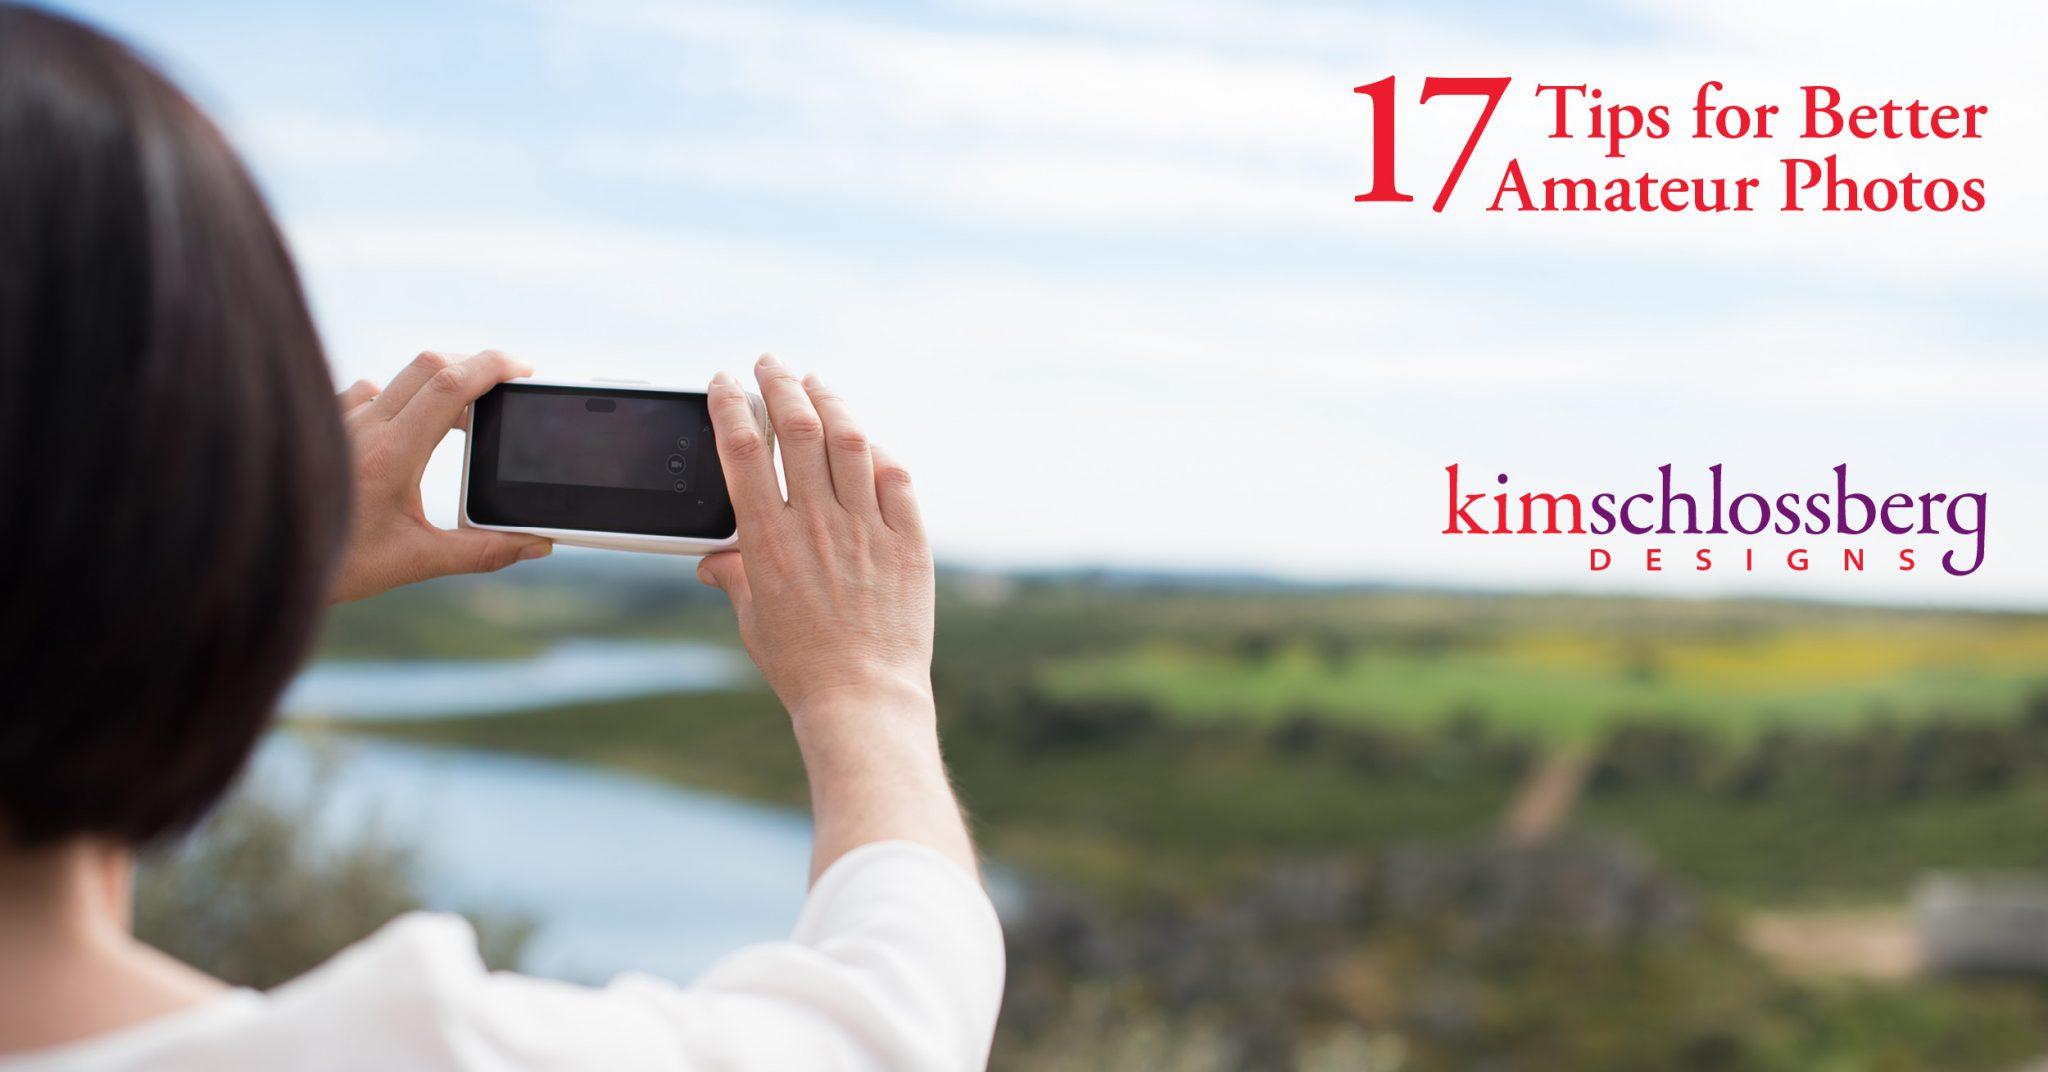 17 Tips for Better Amateur Photographs - Kim Schlossberg Designs